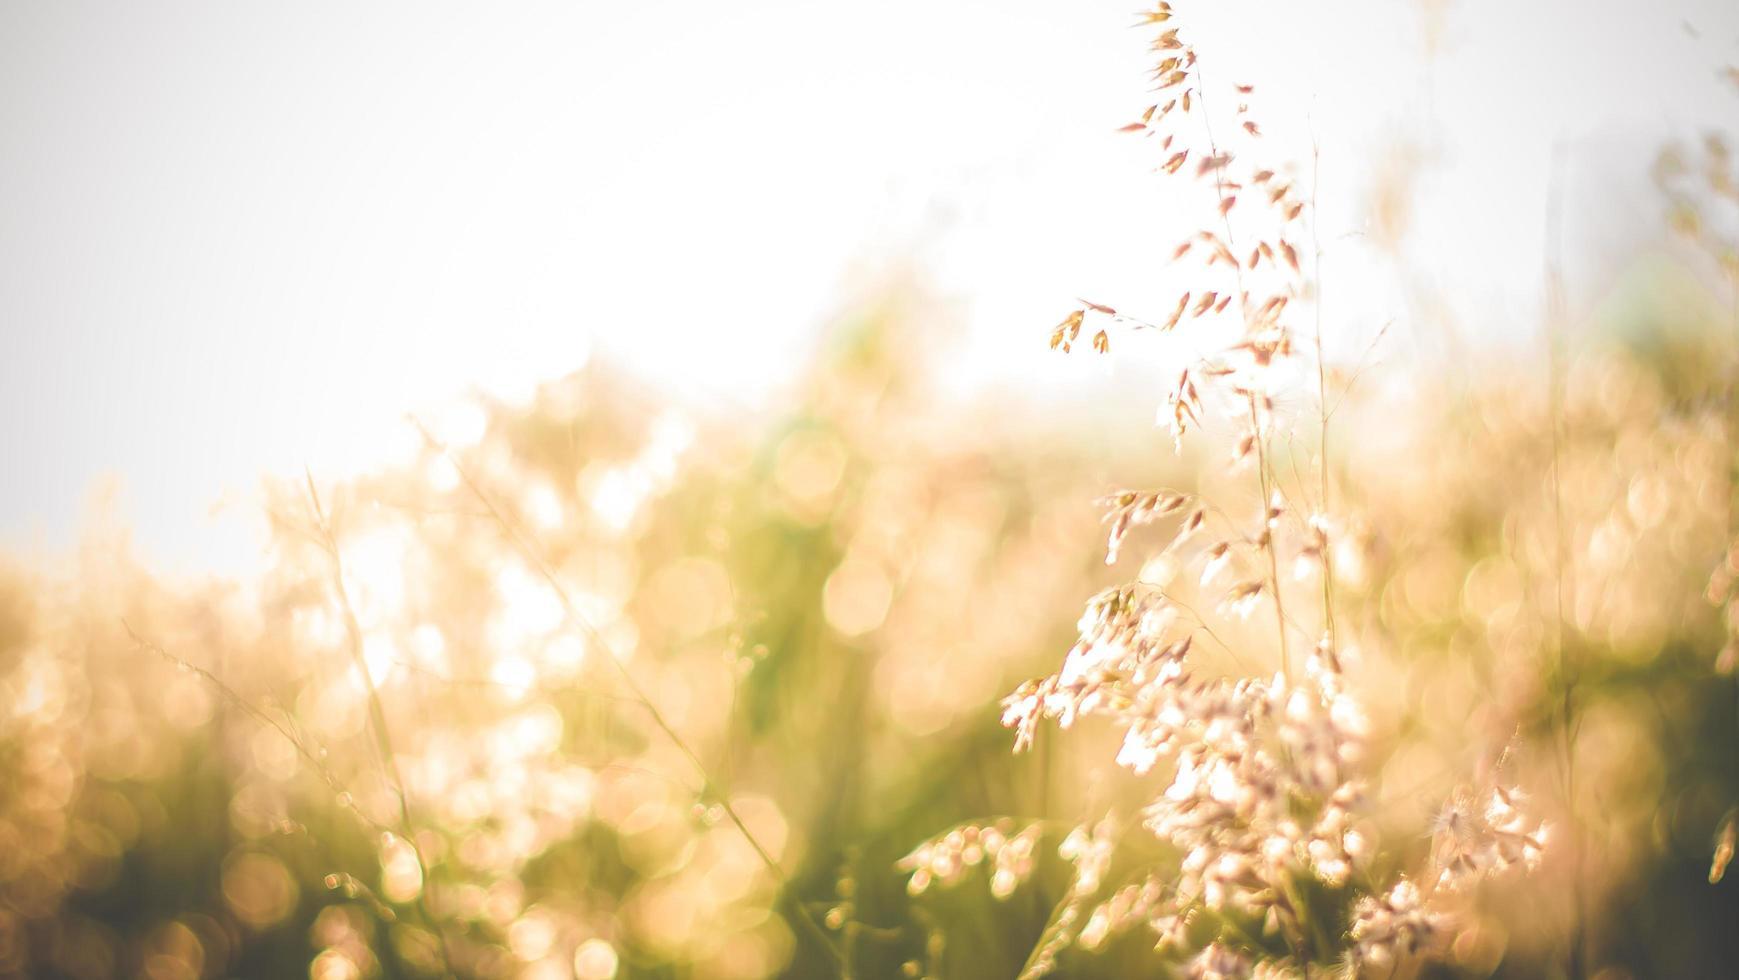 primo piano di erba selvatica foto